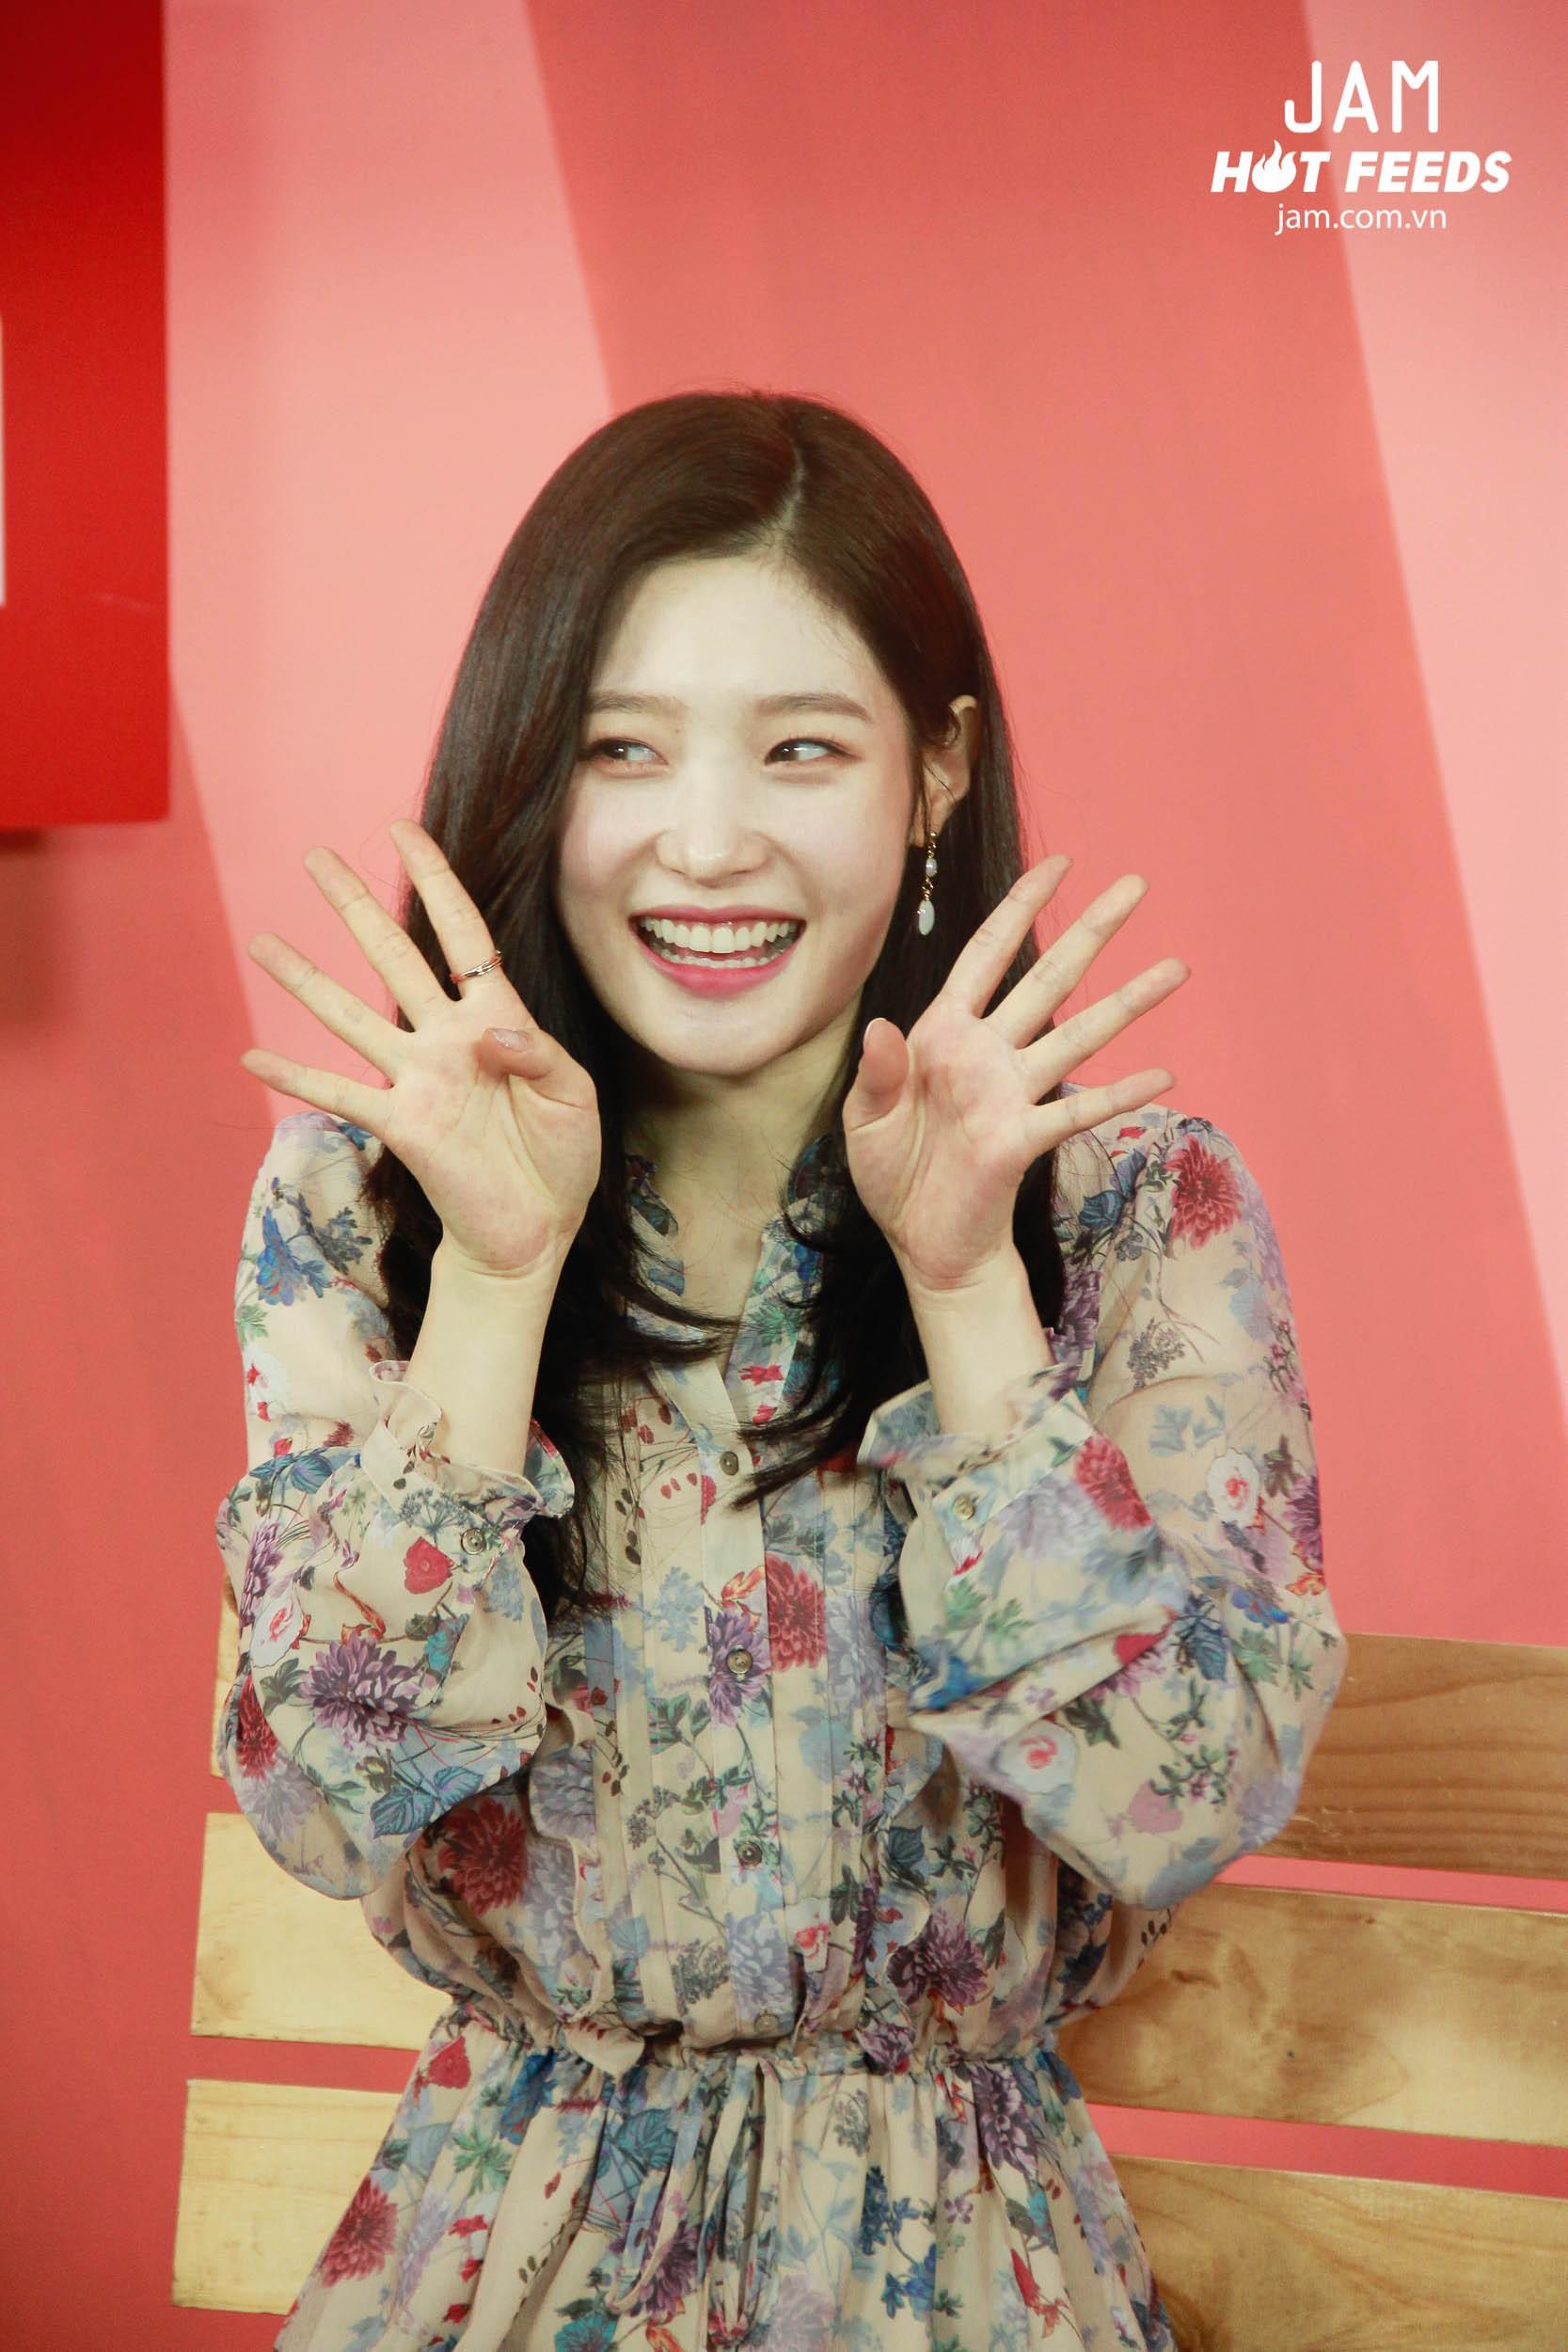 Xứng danh nữ thần thế hệ mới, Chae Yeon đẹp đến xiêu lòng trong bất kỳ khoảnh khắc nào! - Ảnh 6.